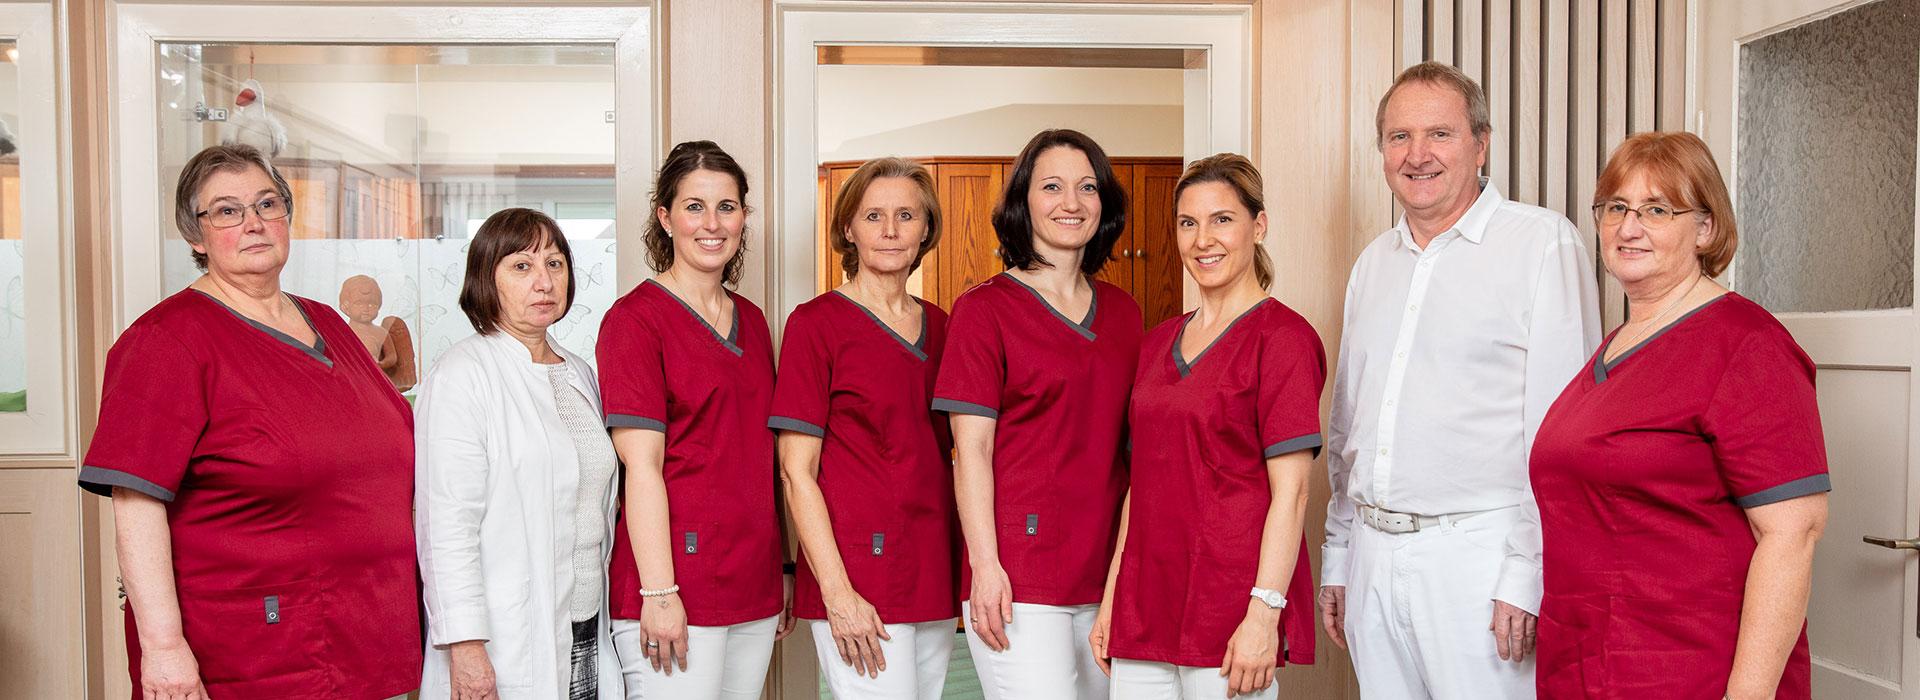 Frauenarztpraxis in Deggendorf